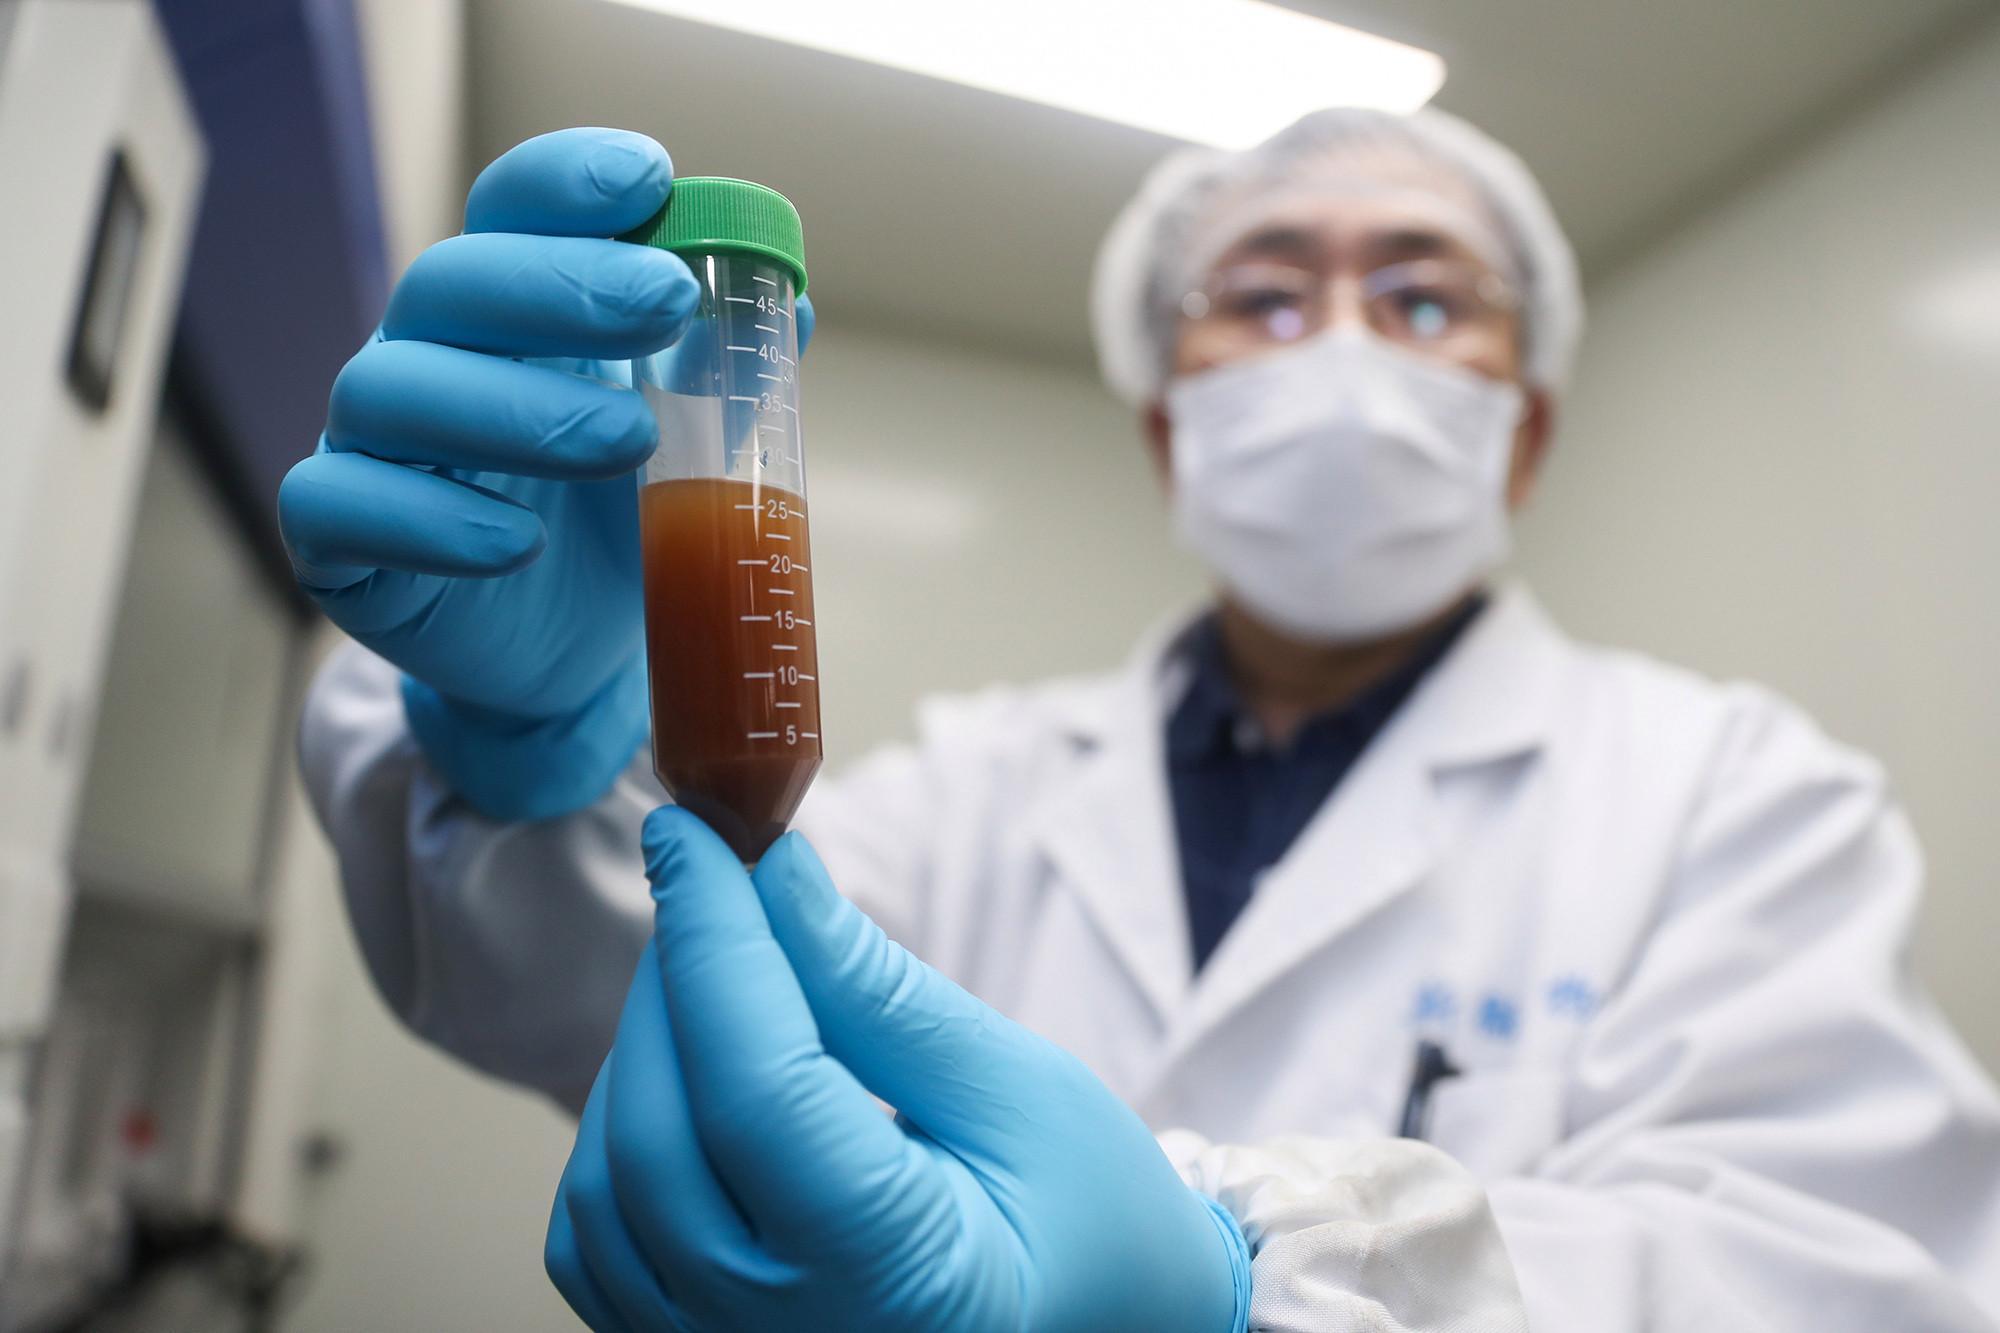 Когда сделают вакцину от коронавируса: хороший, плохой и «злой» сценарии